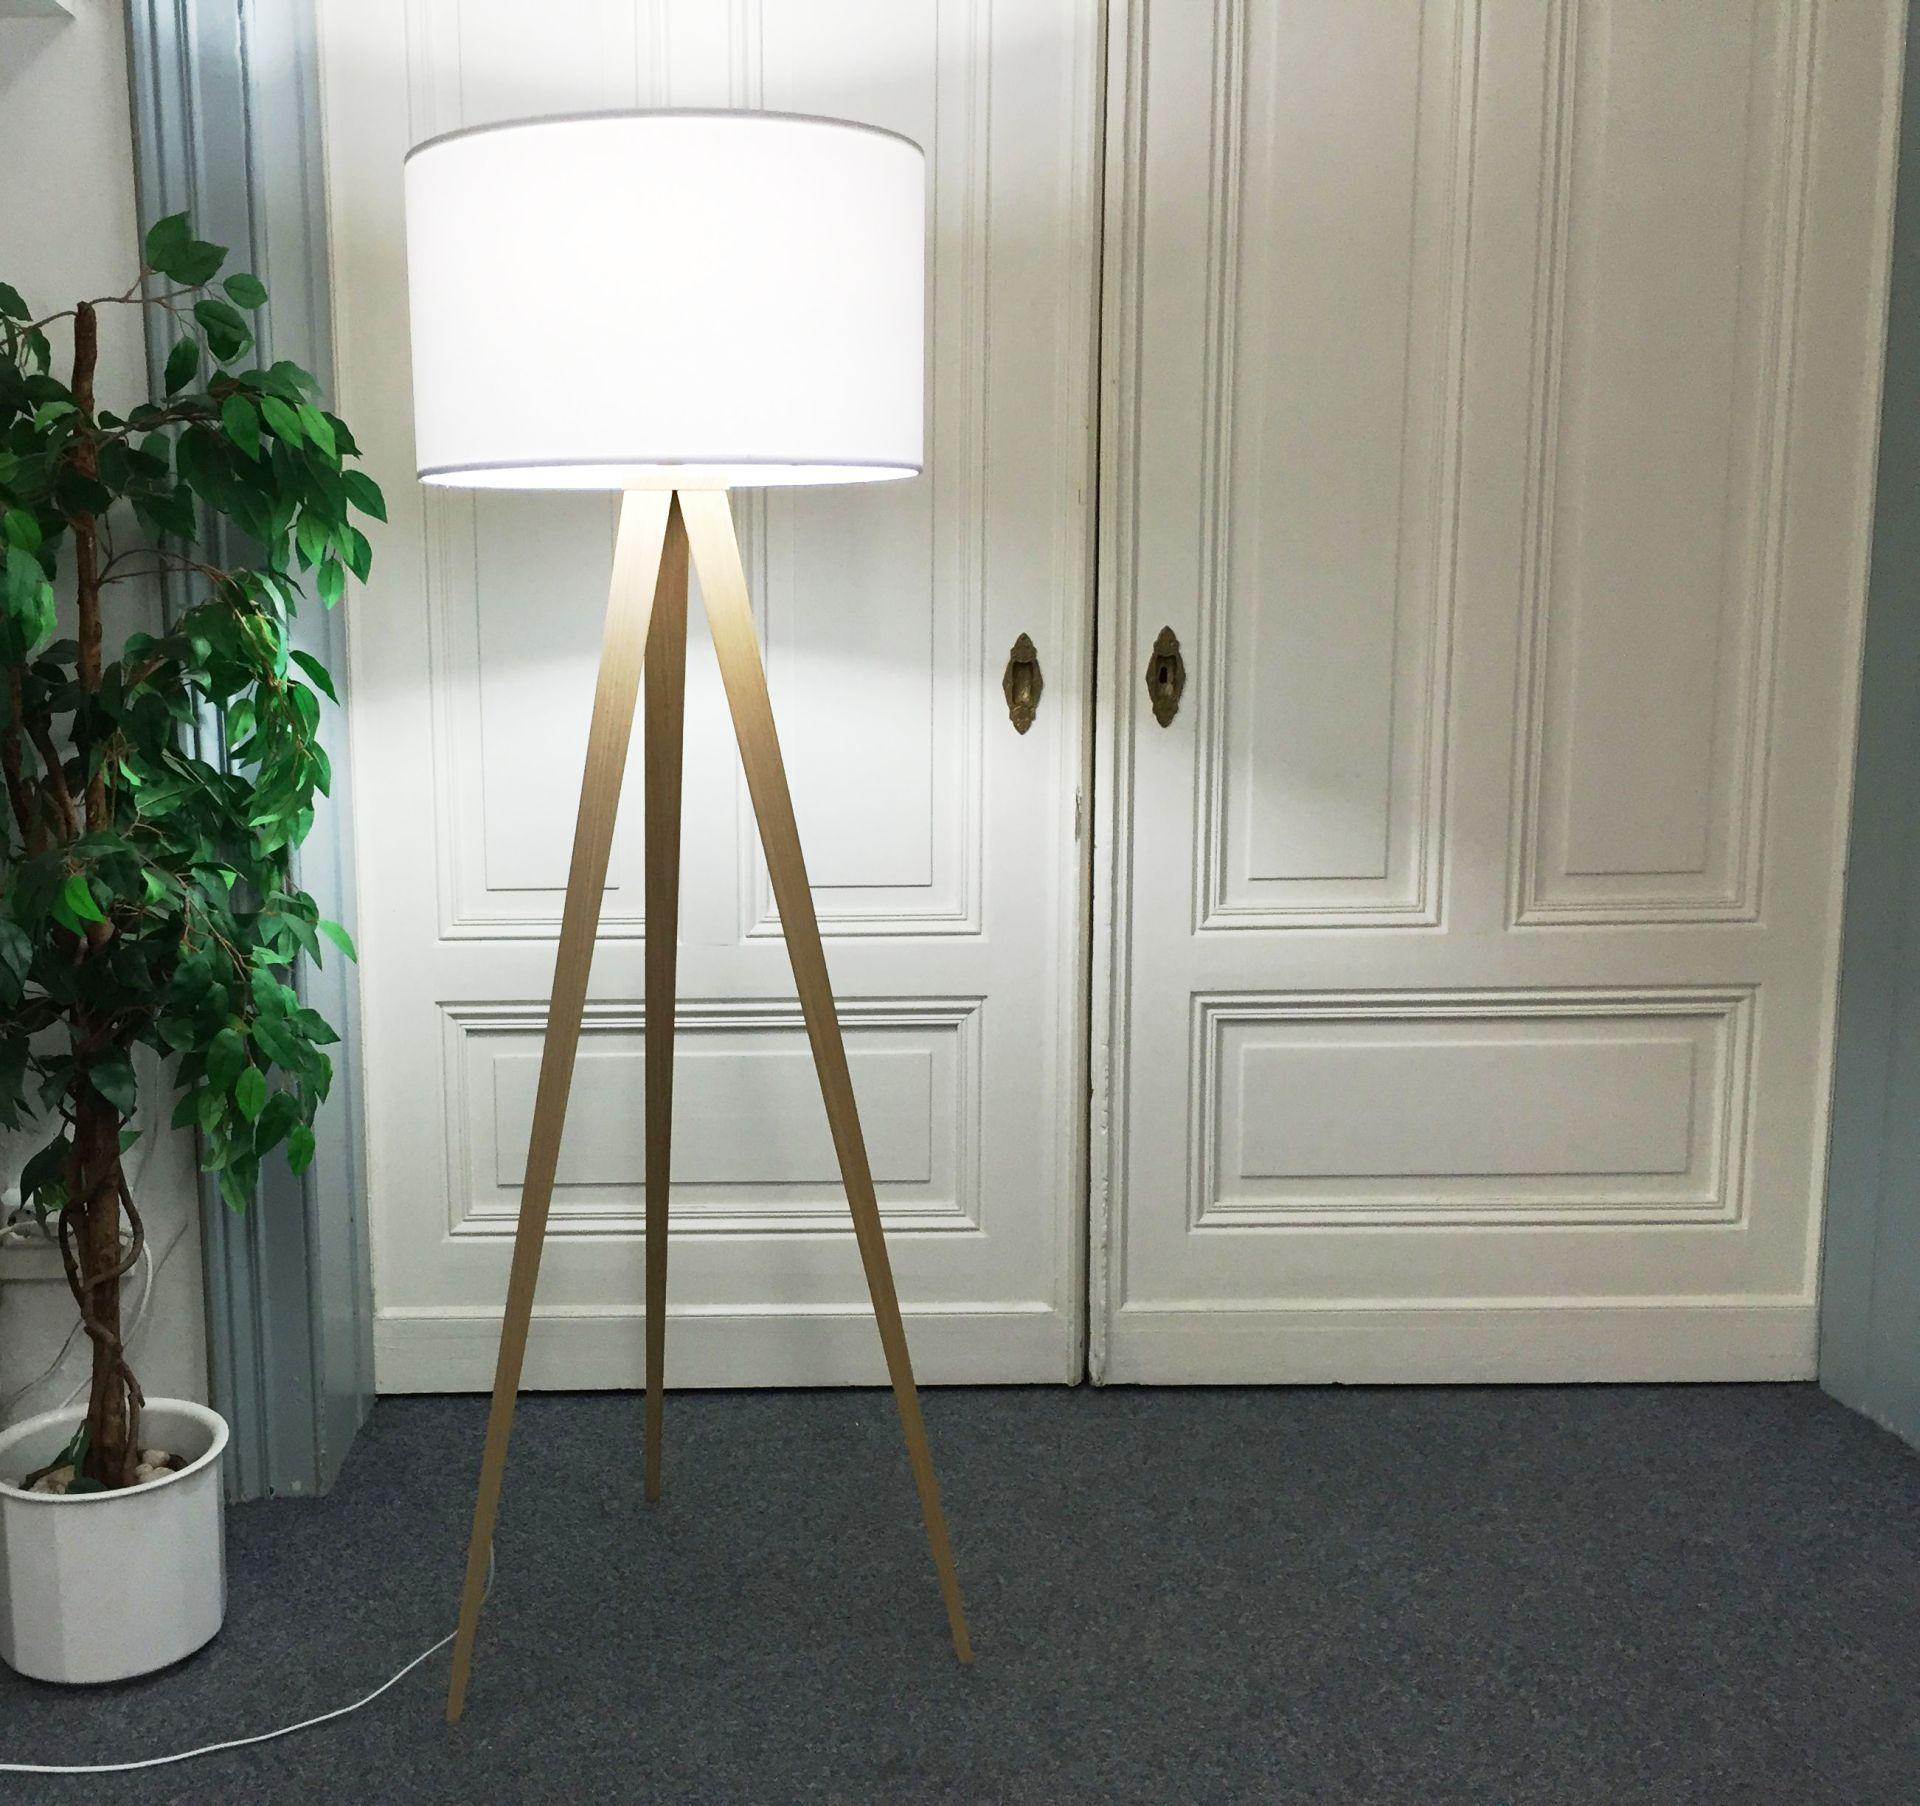 Full Size of Dreibein Stehlampe Holz Ikea Genial Sofa Mit Schlaffunktion Modulküche Betten Bei Stehlampen Wohnzimmer Miniküche Küche Kosten Kaufen 160x200 Schlafzimmer Wohnzimmer Stehlampe Ikea